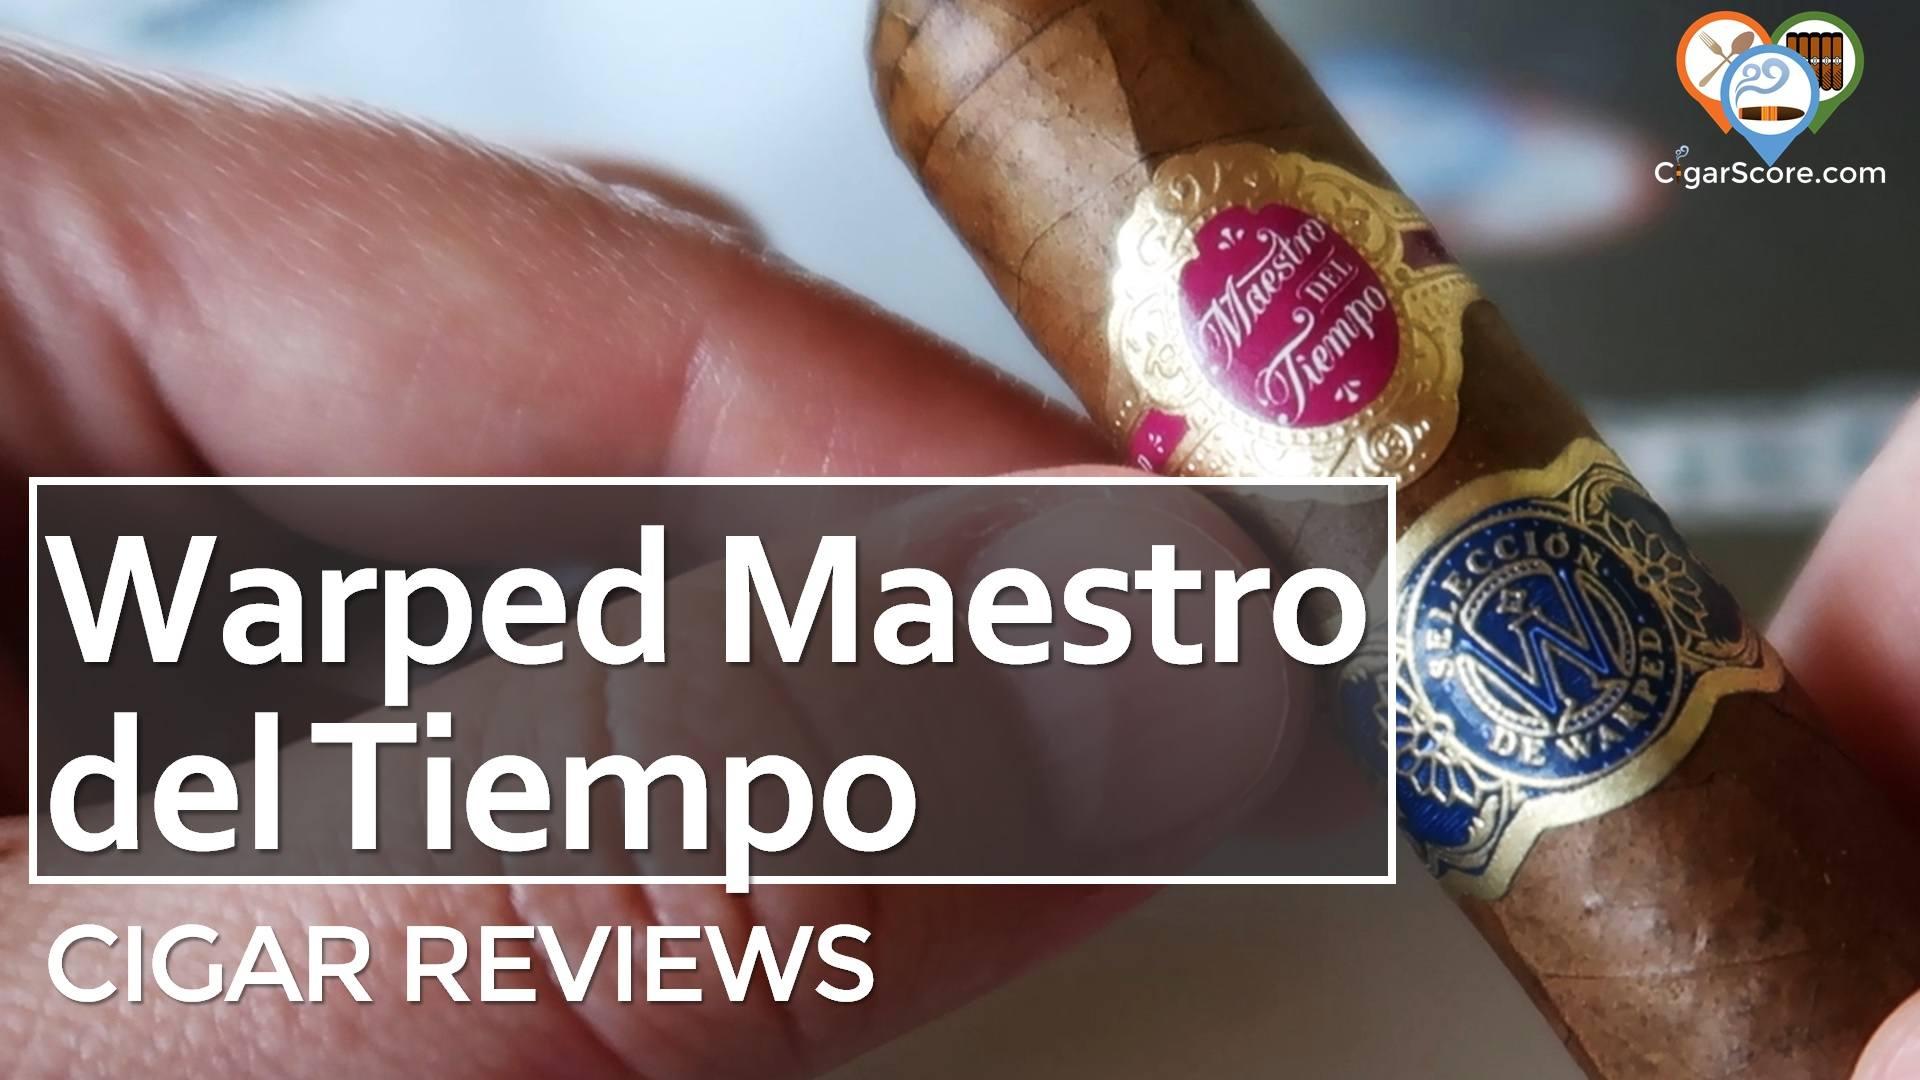 Cigar Review Warped Maestro del Tiempo